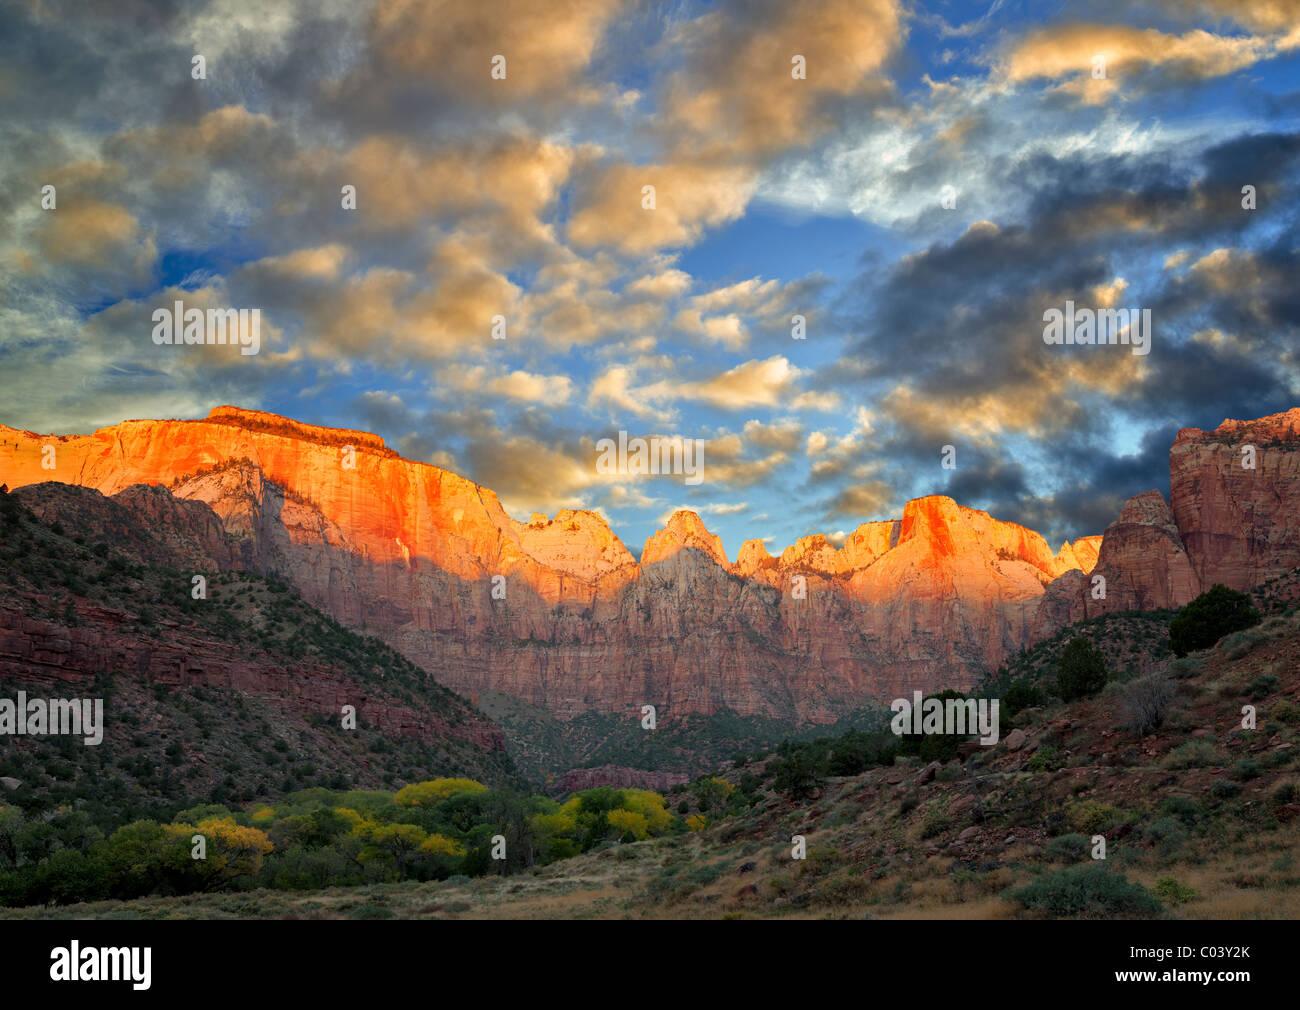 Tours et Temple de la Vierge. Zion National Park, Utah. Un ciel a été ajouté. Photo Stock